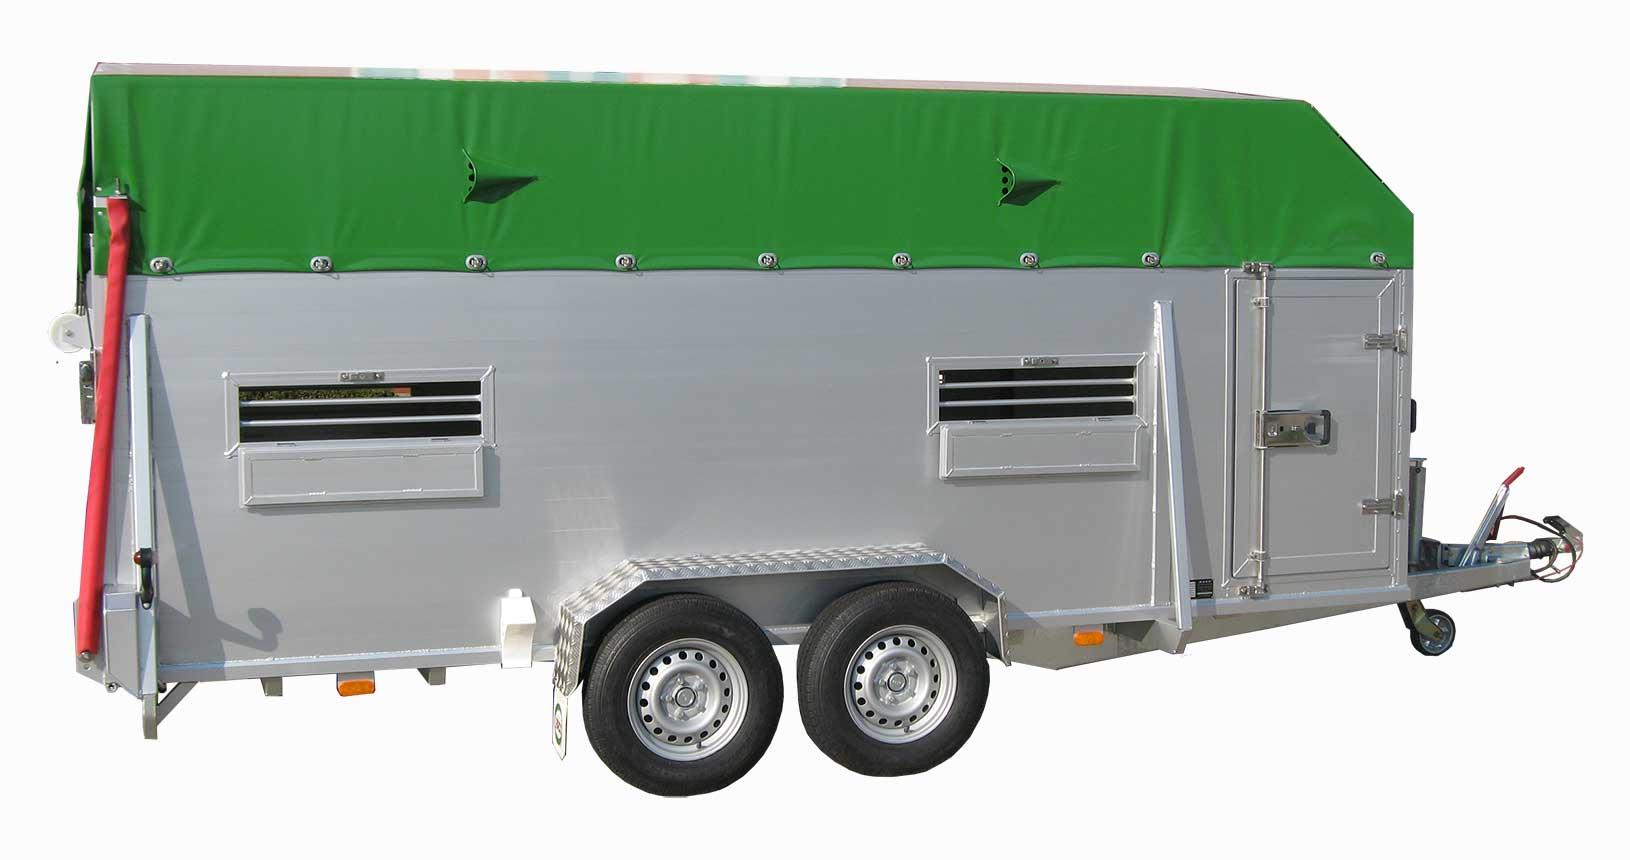 Rindertransporter Planendach und Lufthutzen